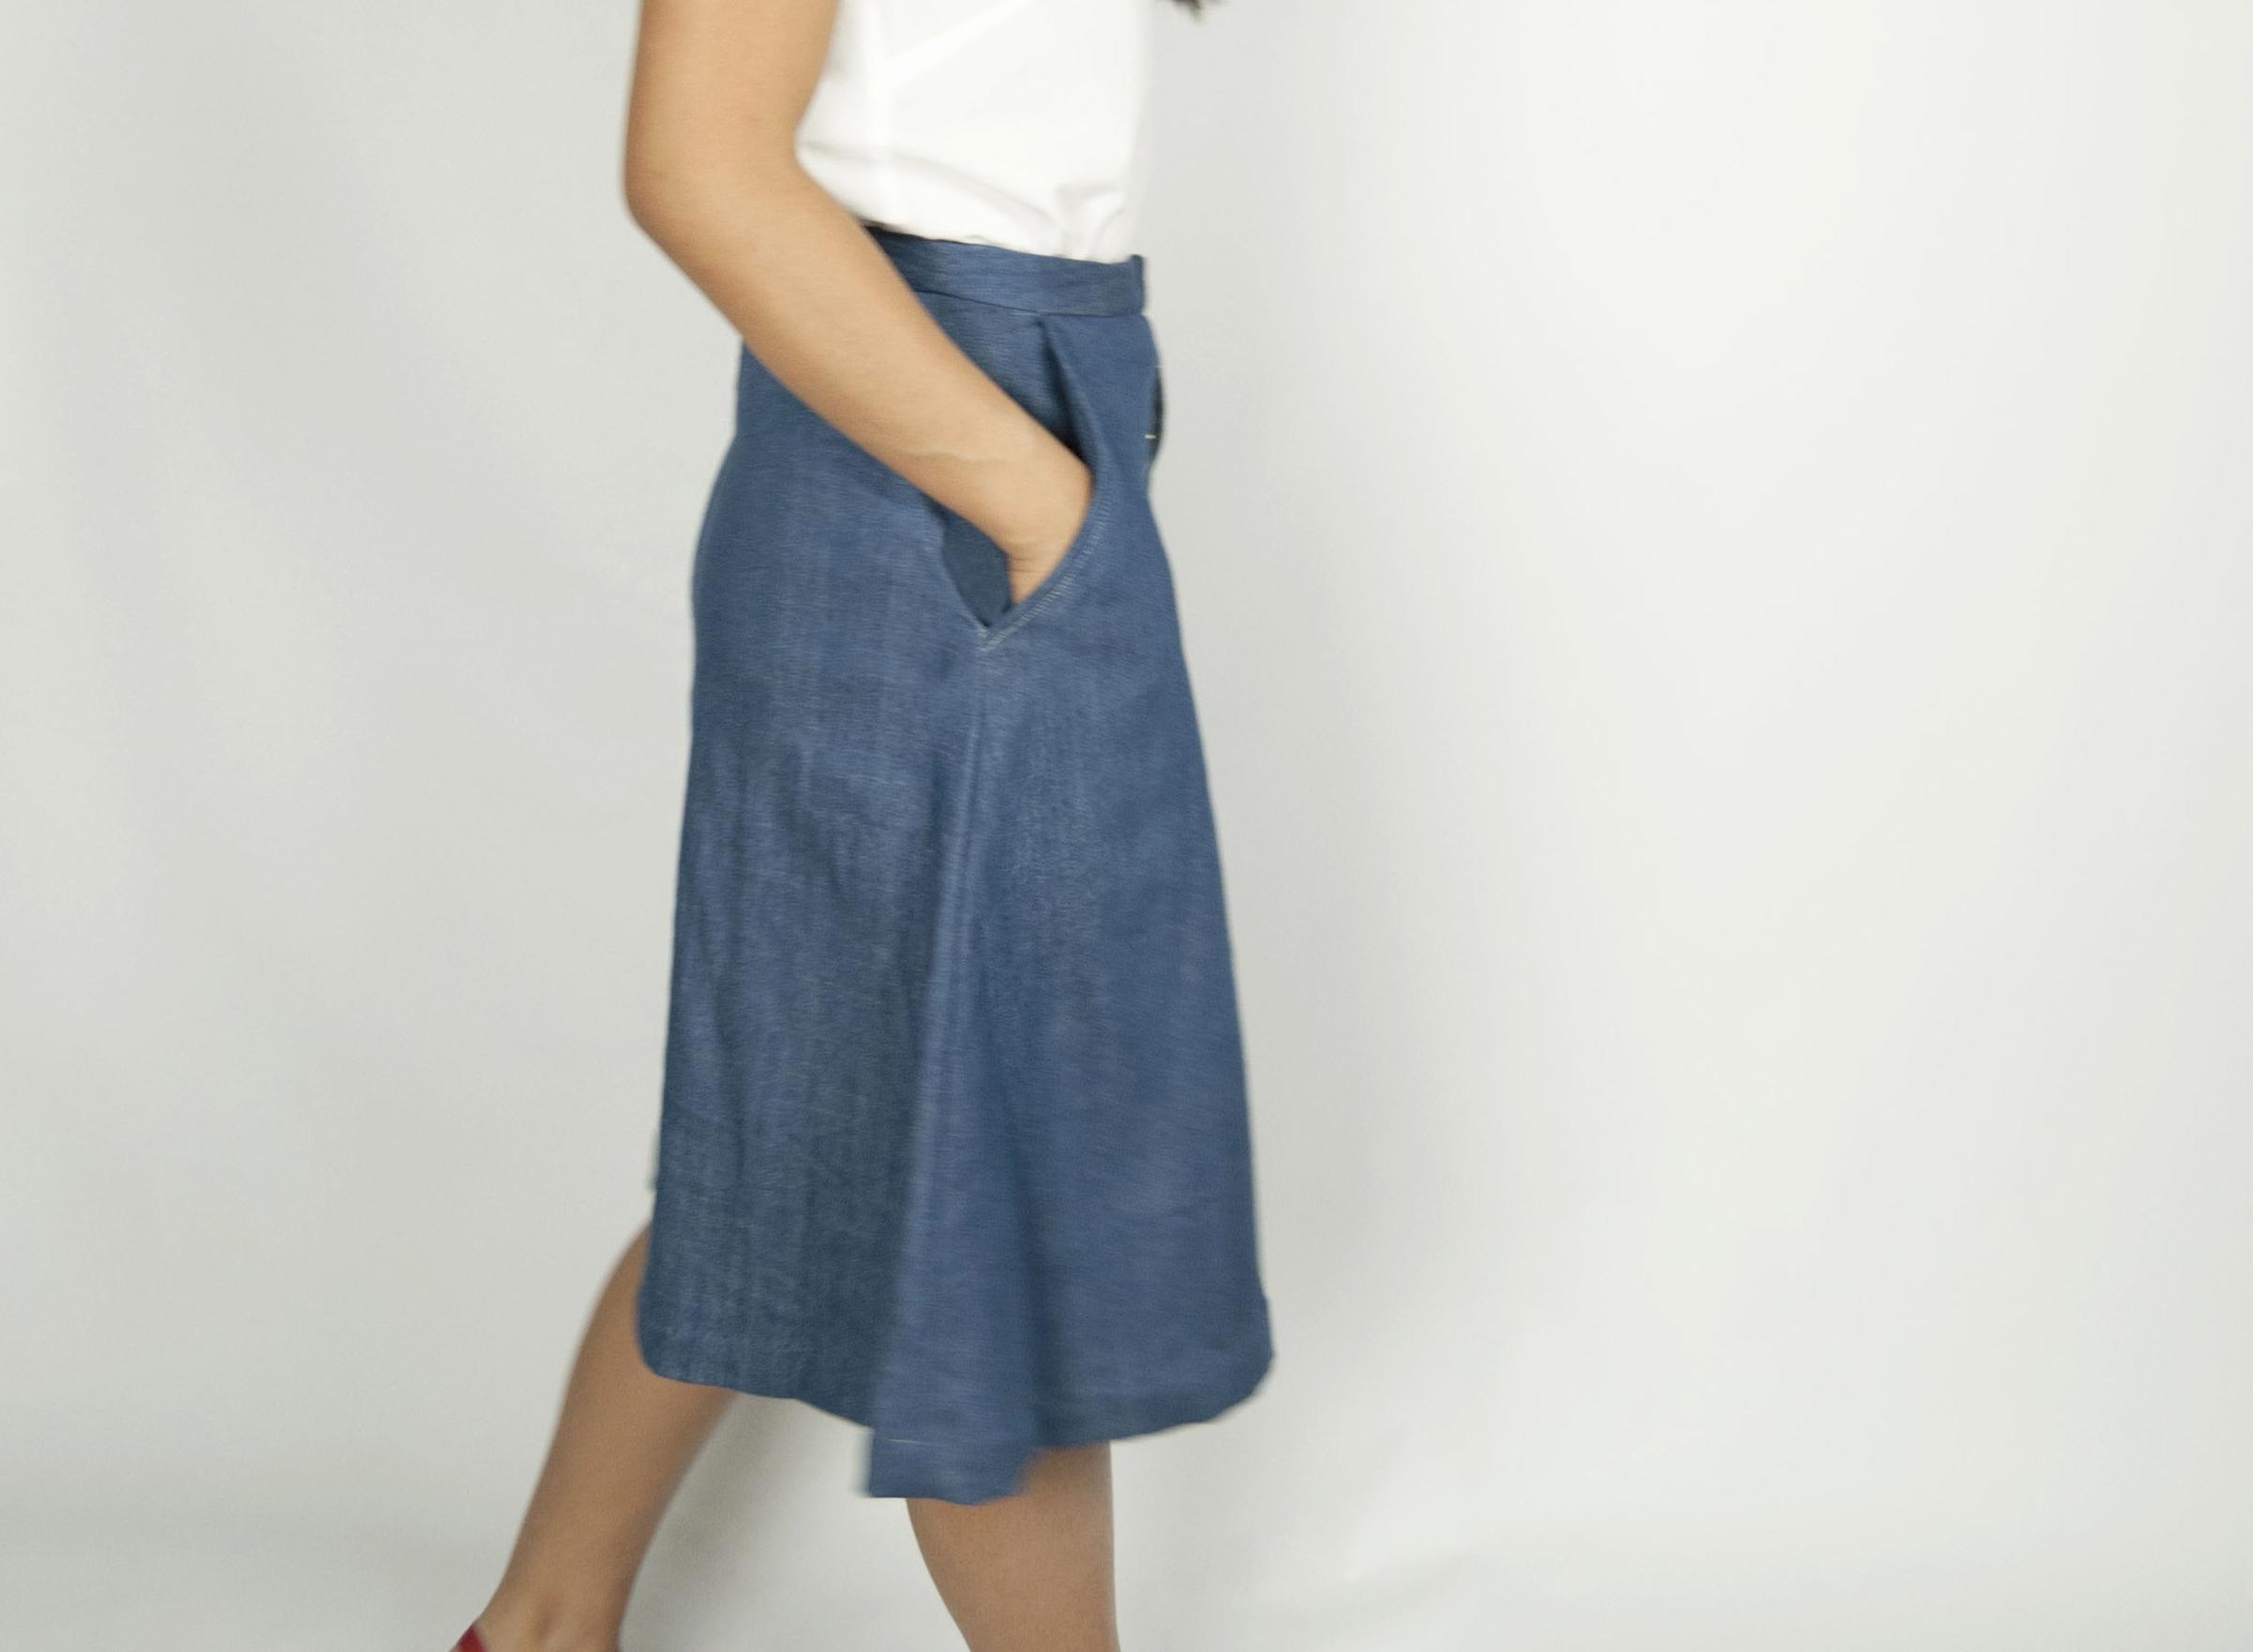 shadalene-design-sewing-fashion-13b.jpg